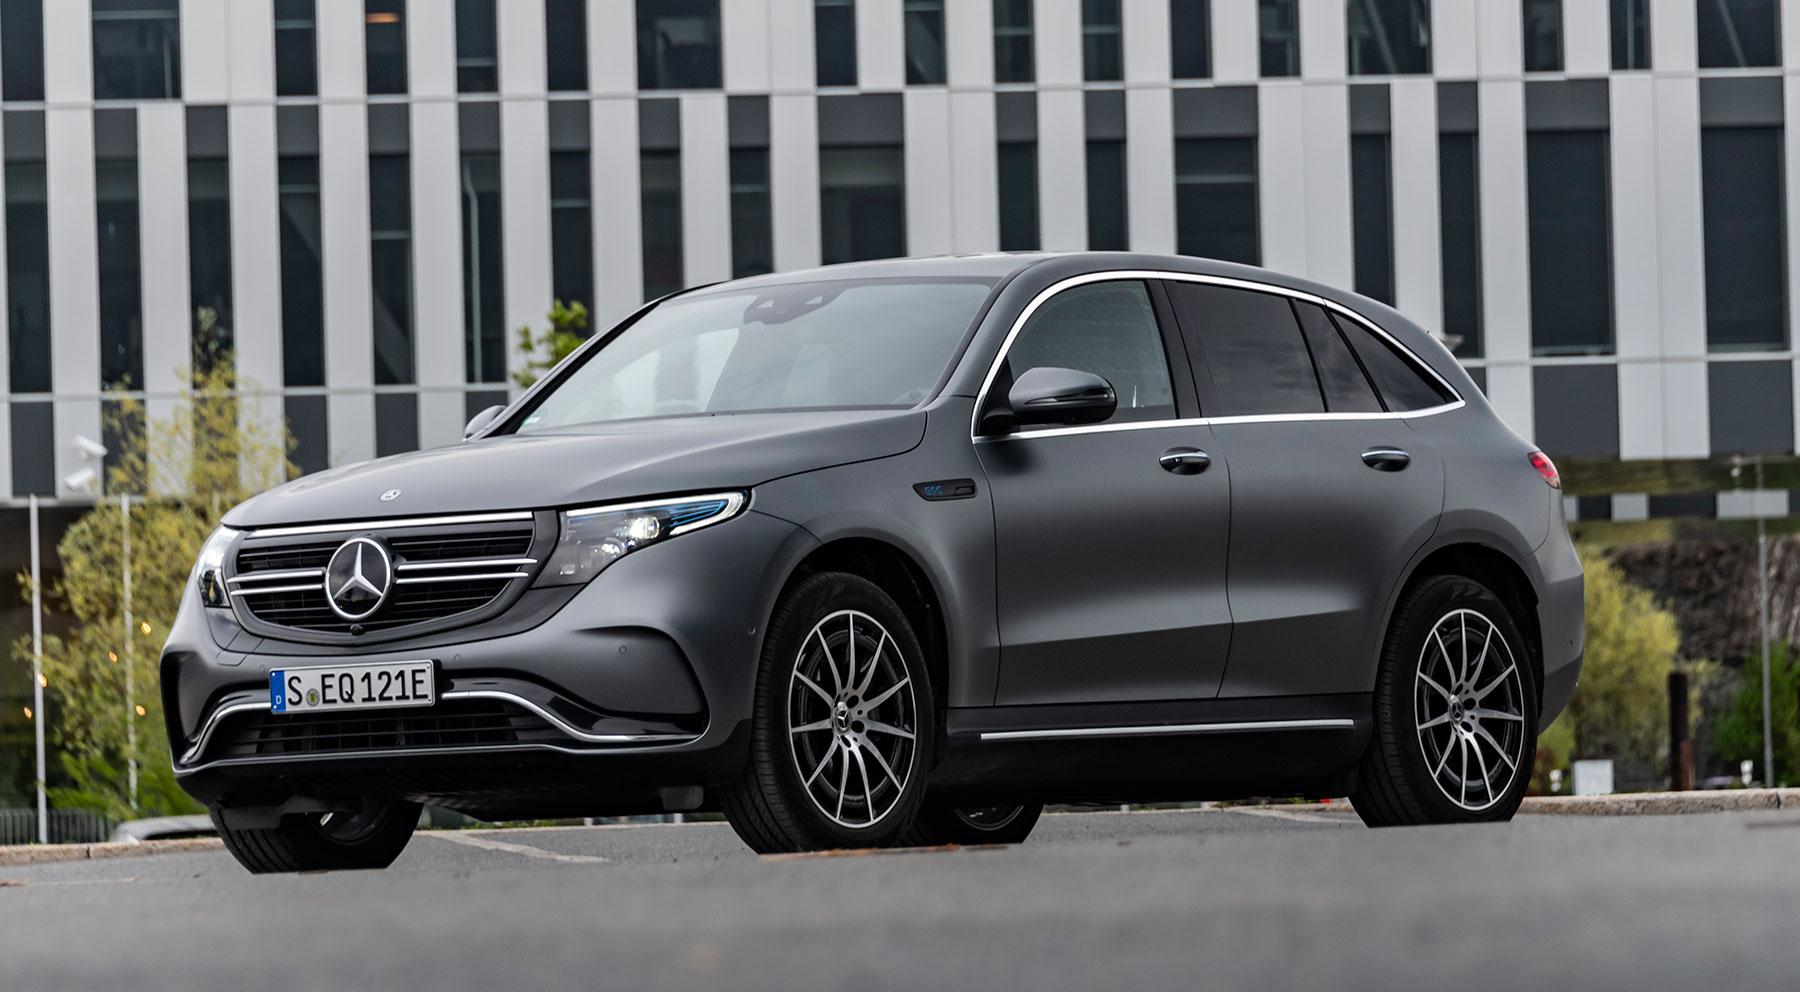 Las imágenes del Mercedes EQC